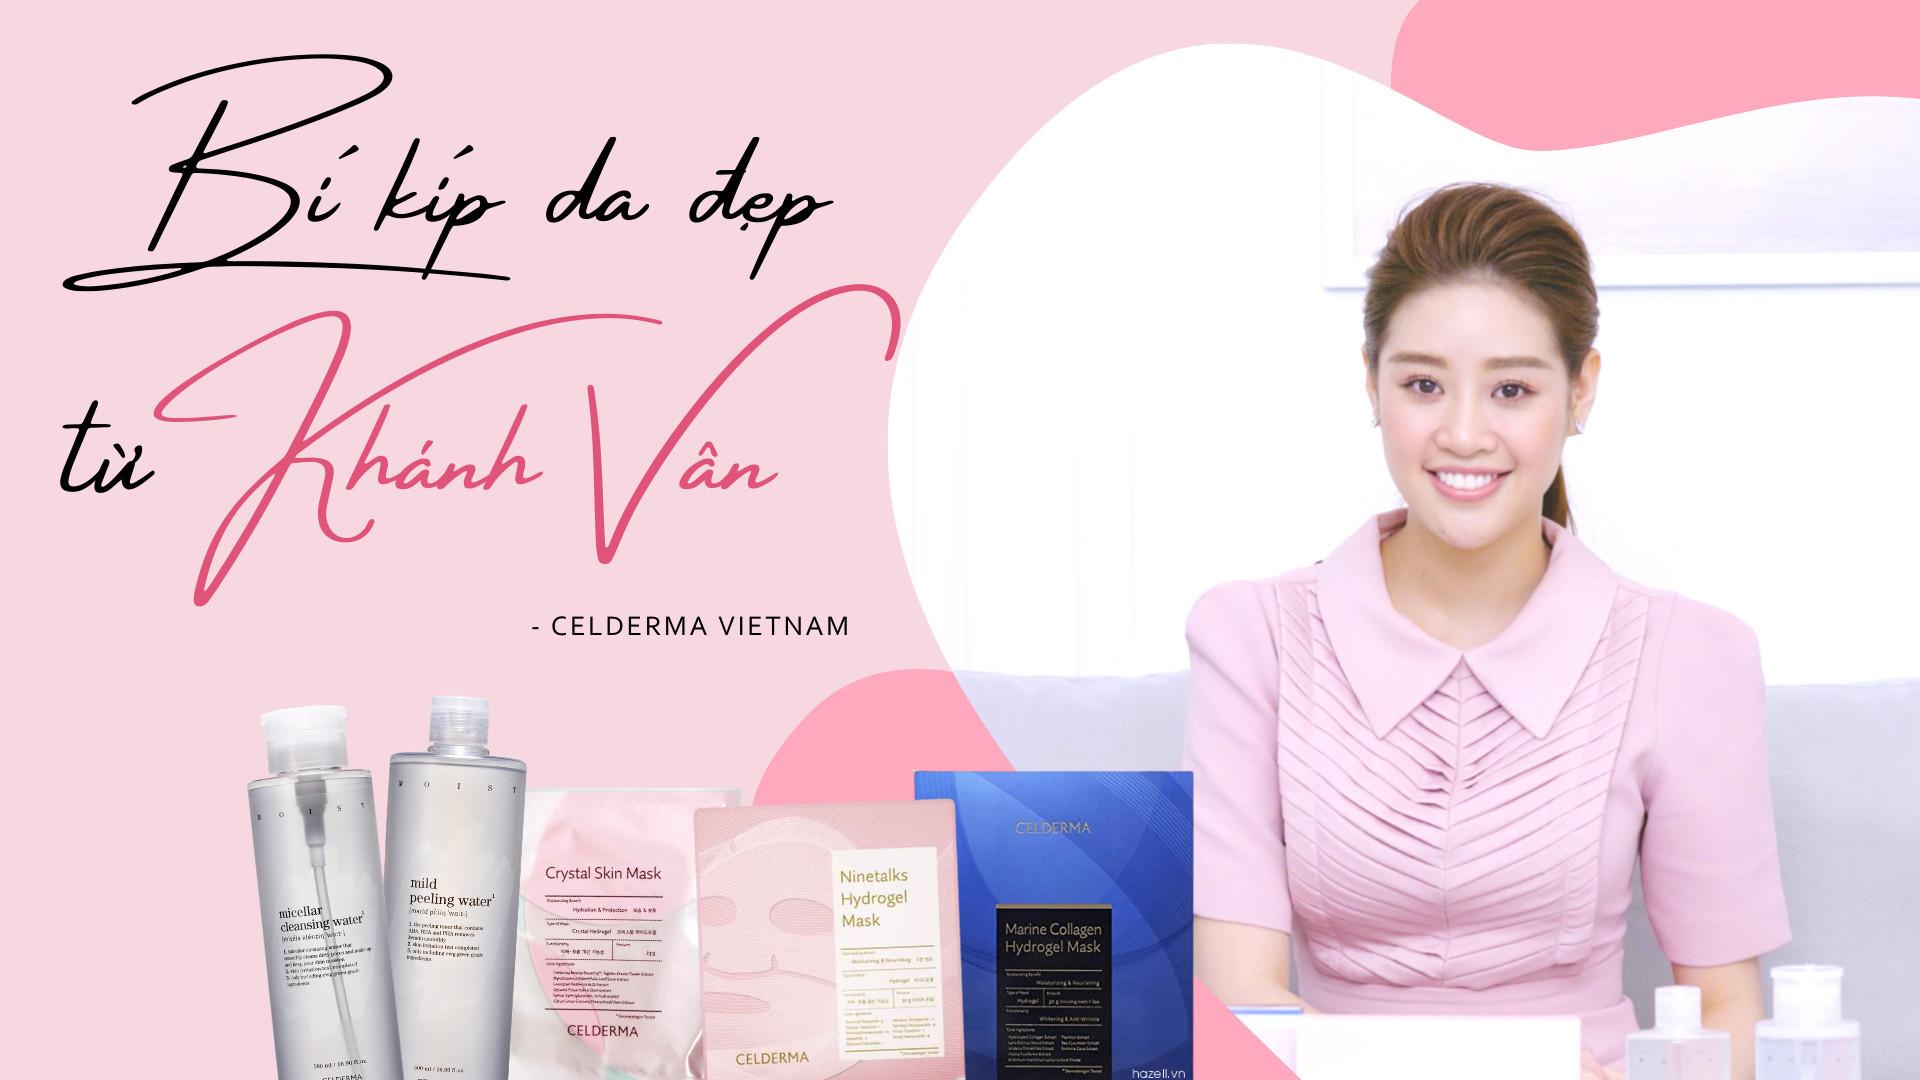 Hoa hậu Khánh Vân chuộng tẩy trang, mặt nạ thạch Celderma do Song Ji Hyo đại diện - Ảnh 2.